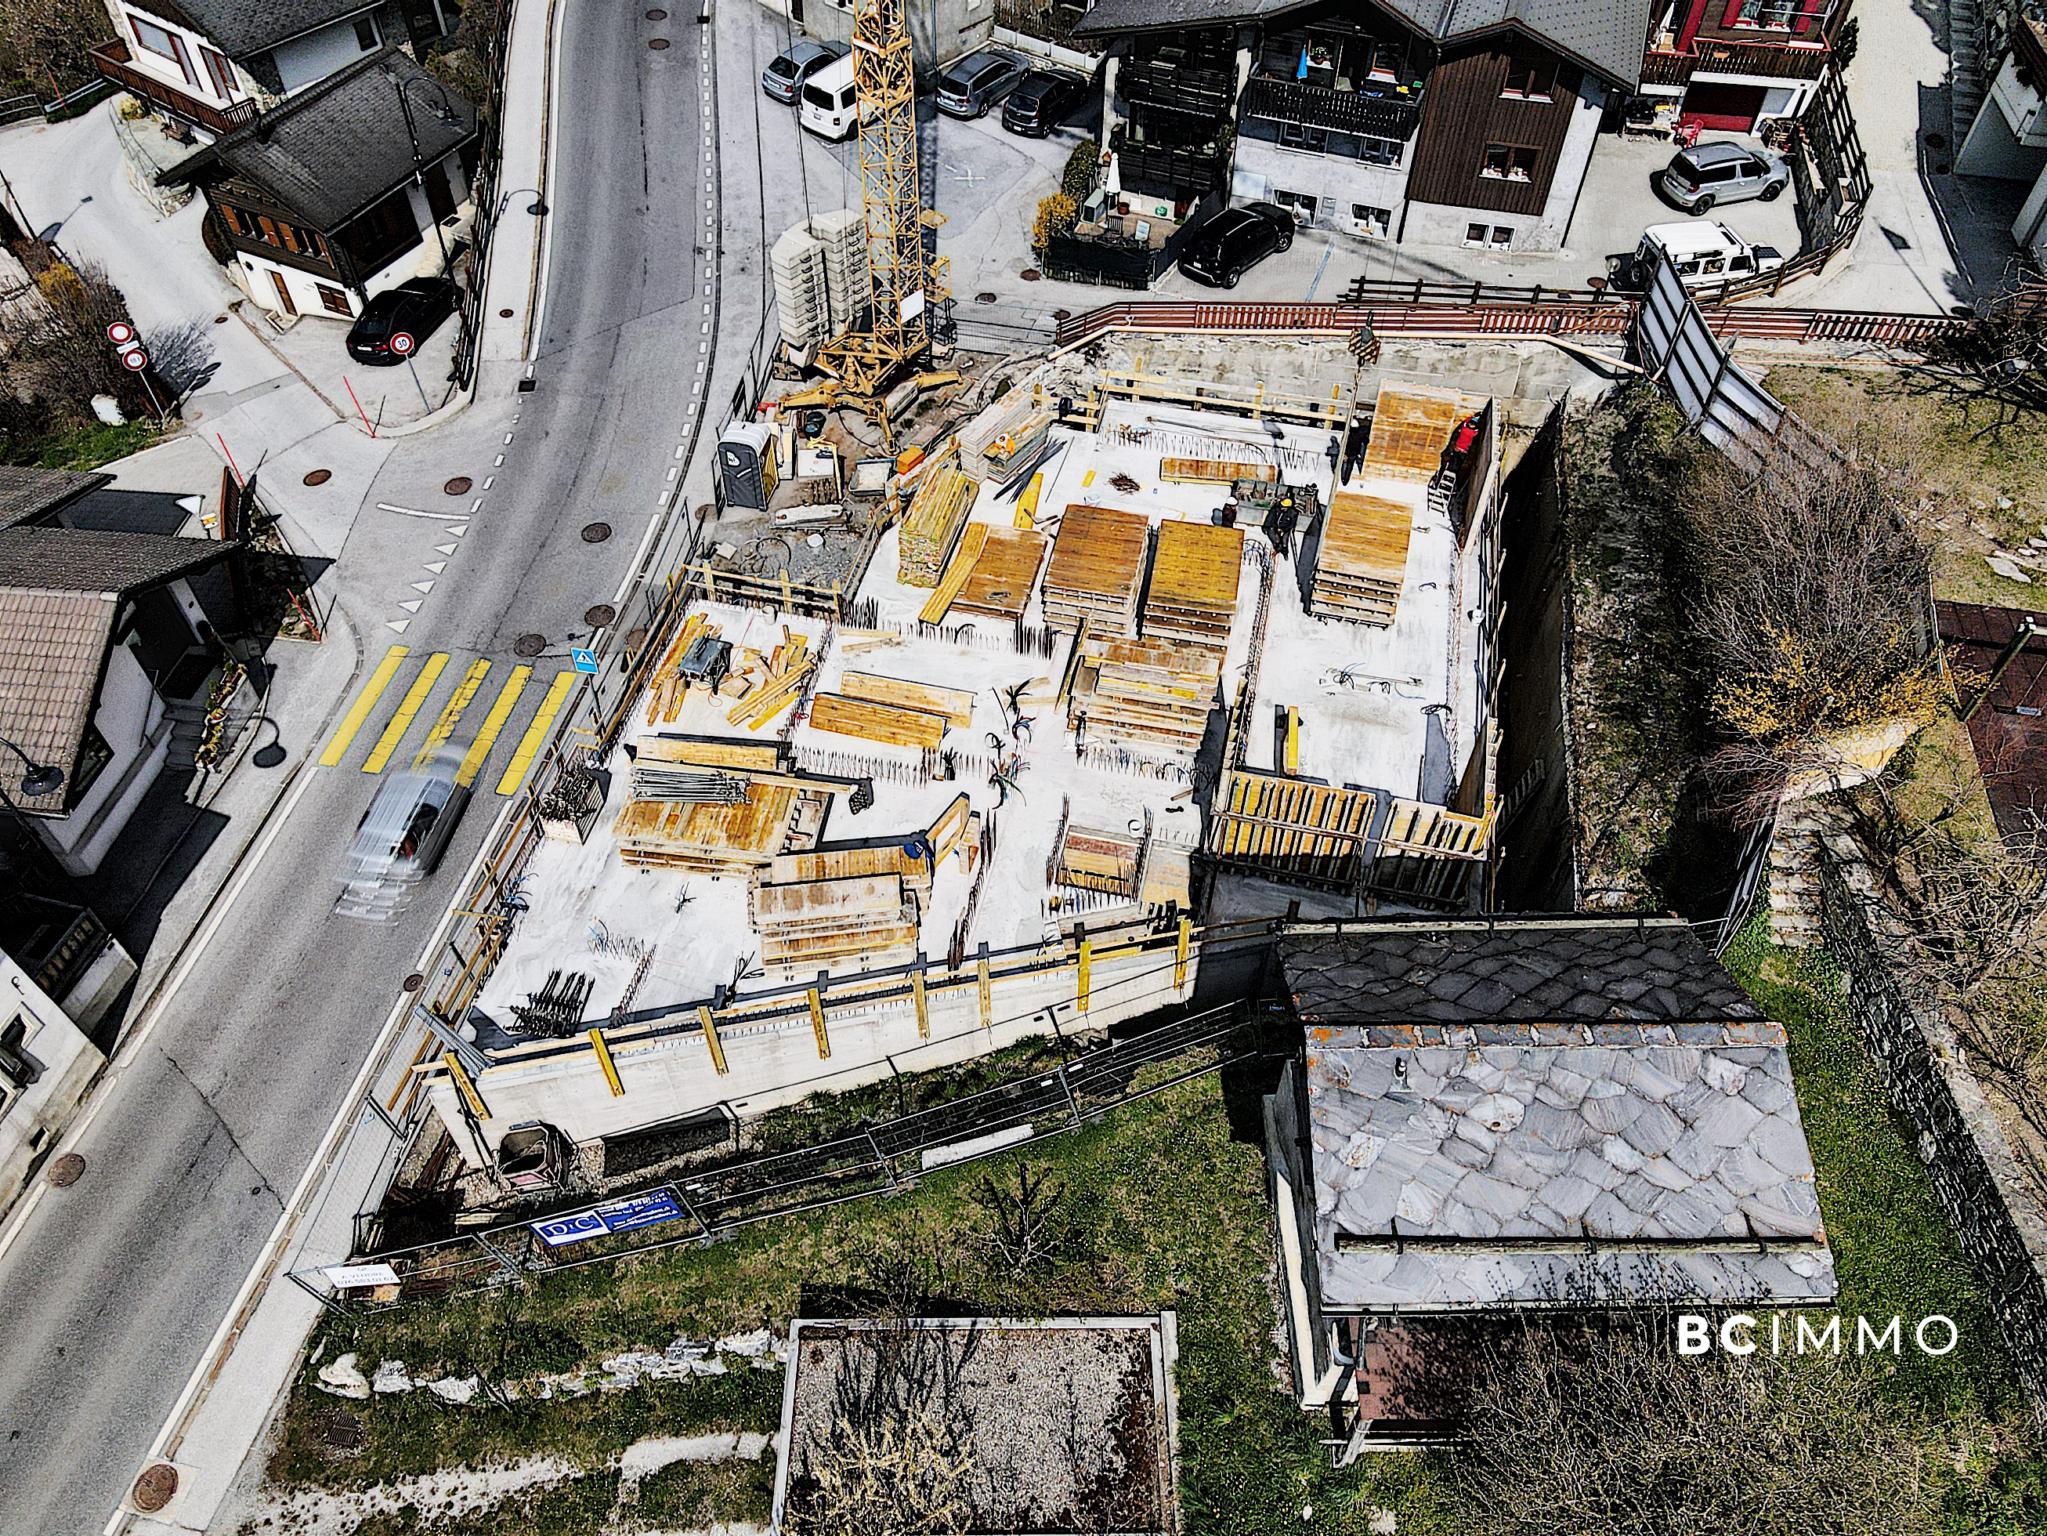 BC Immo - La Maison d'Adrien - Rez-de-chaussée 3.5 - DCA1ICO77